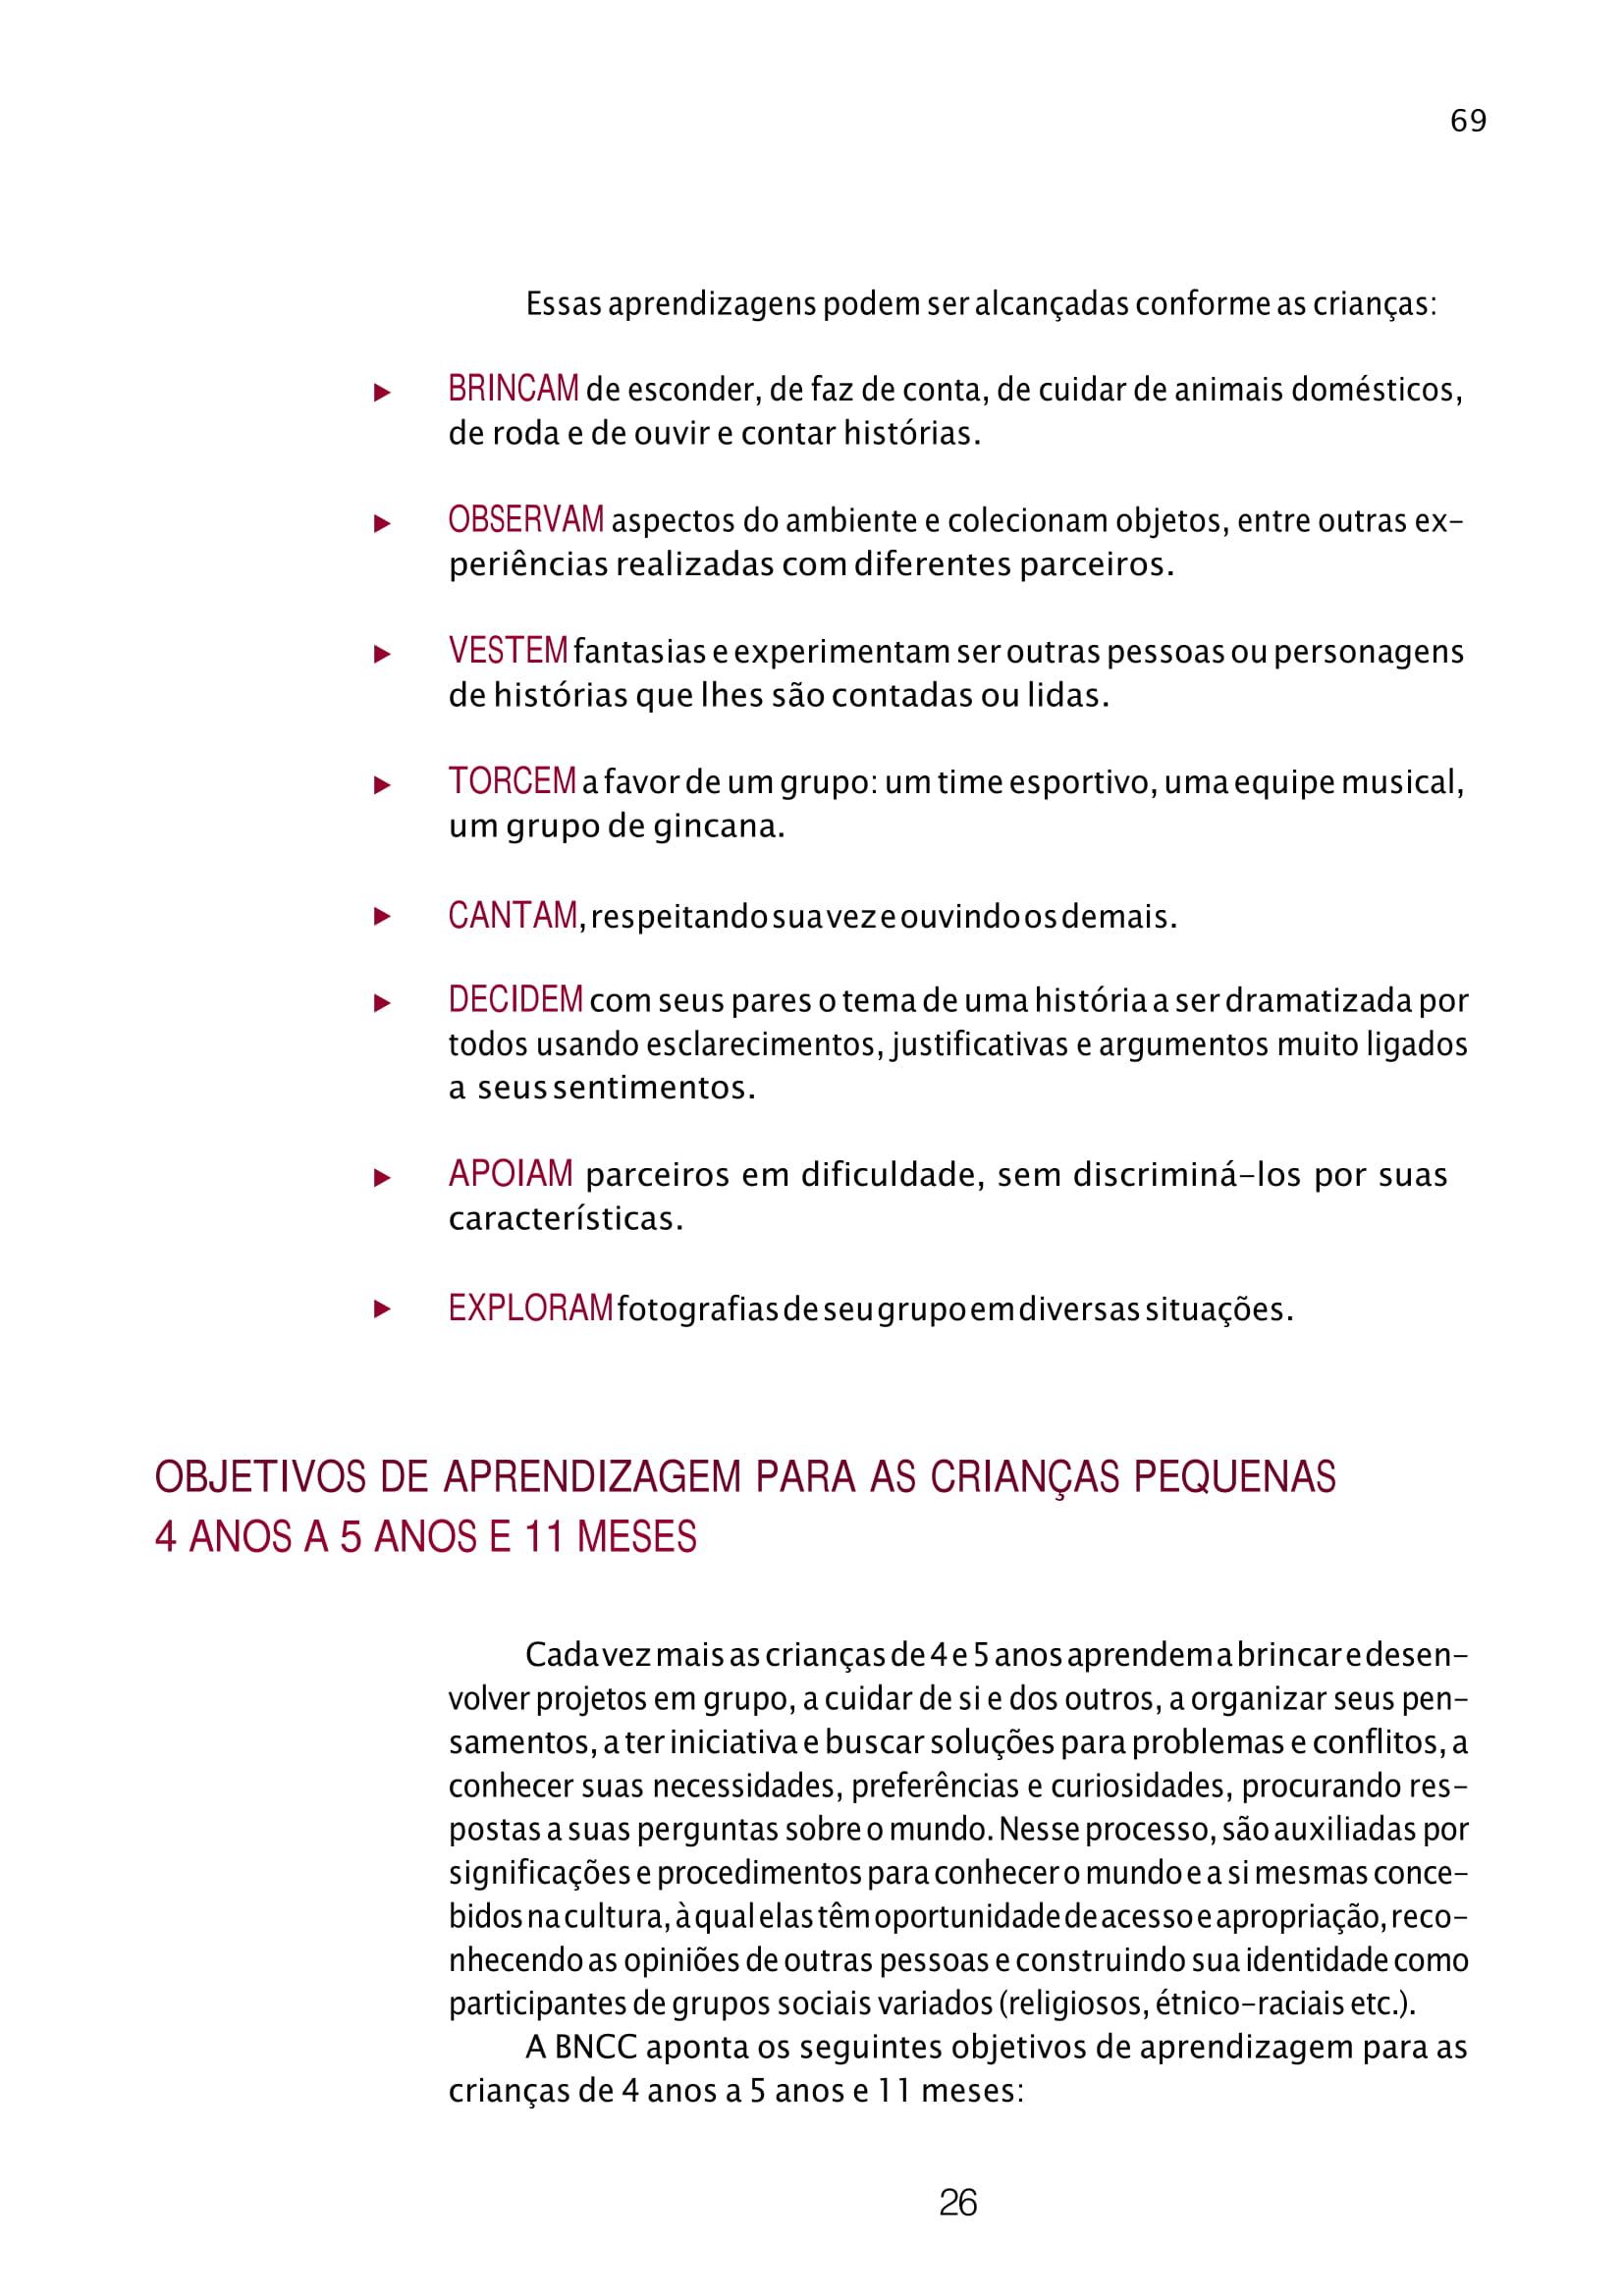 planejamento-educação-infantil-bncc-geral-99